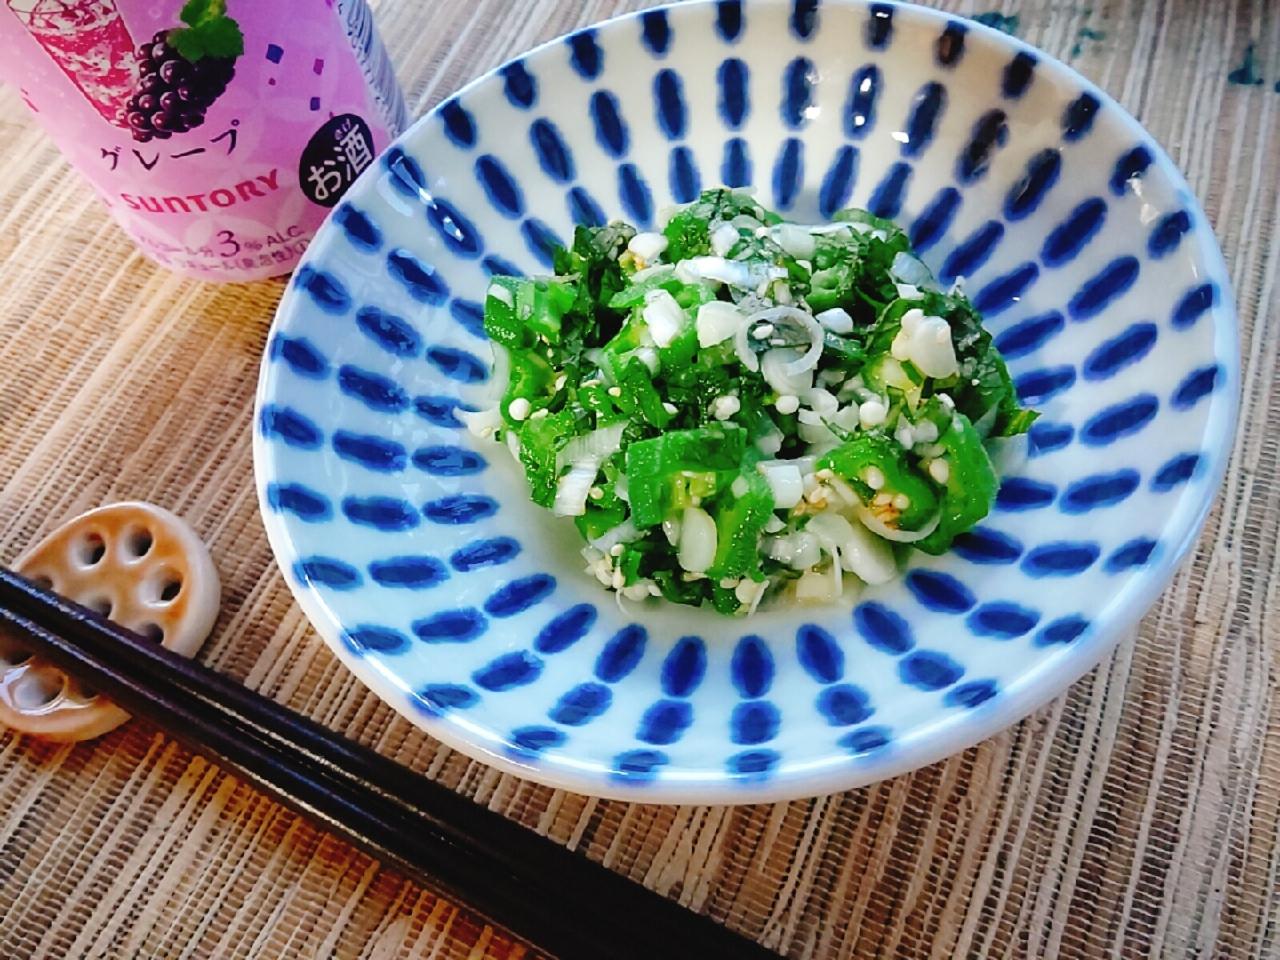 ともきーた (伊藤 智子)さんの料理 🆔396010                                                                #オクラの大葉ねぎ塩まみれ 💕